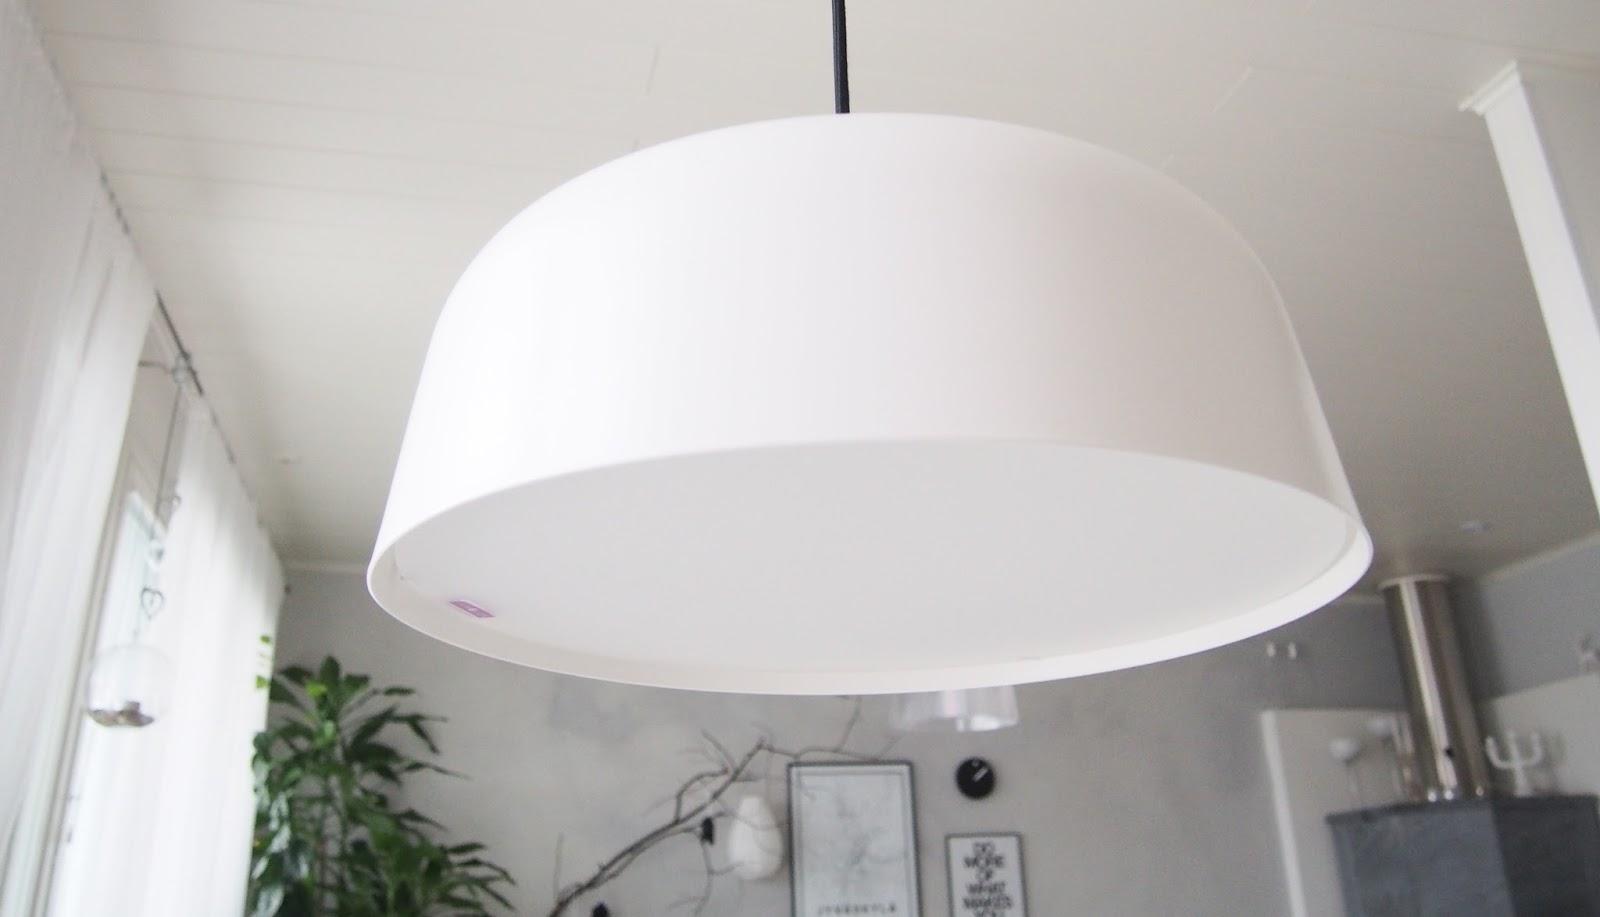 Keittiön loistava lamppu kirkasvalolaite!  Valkoisen